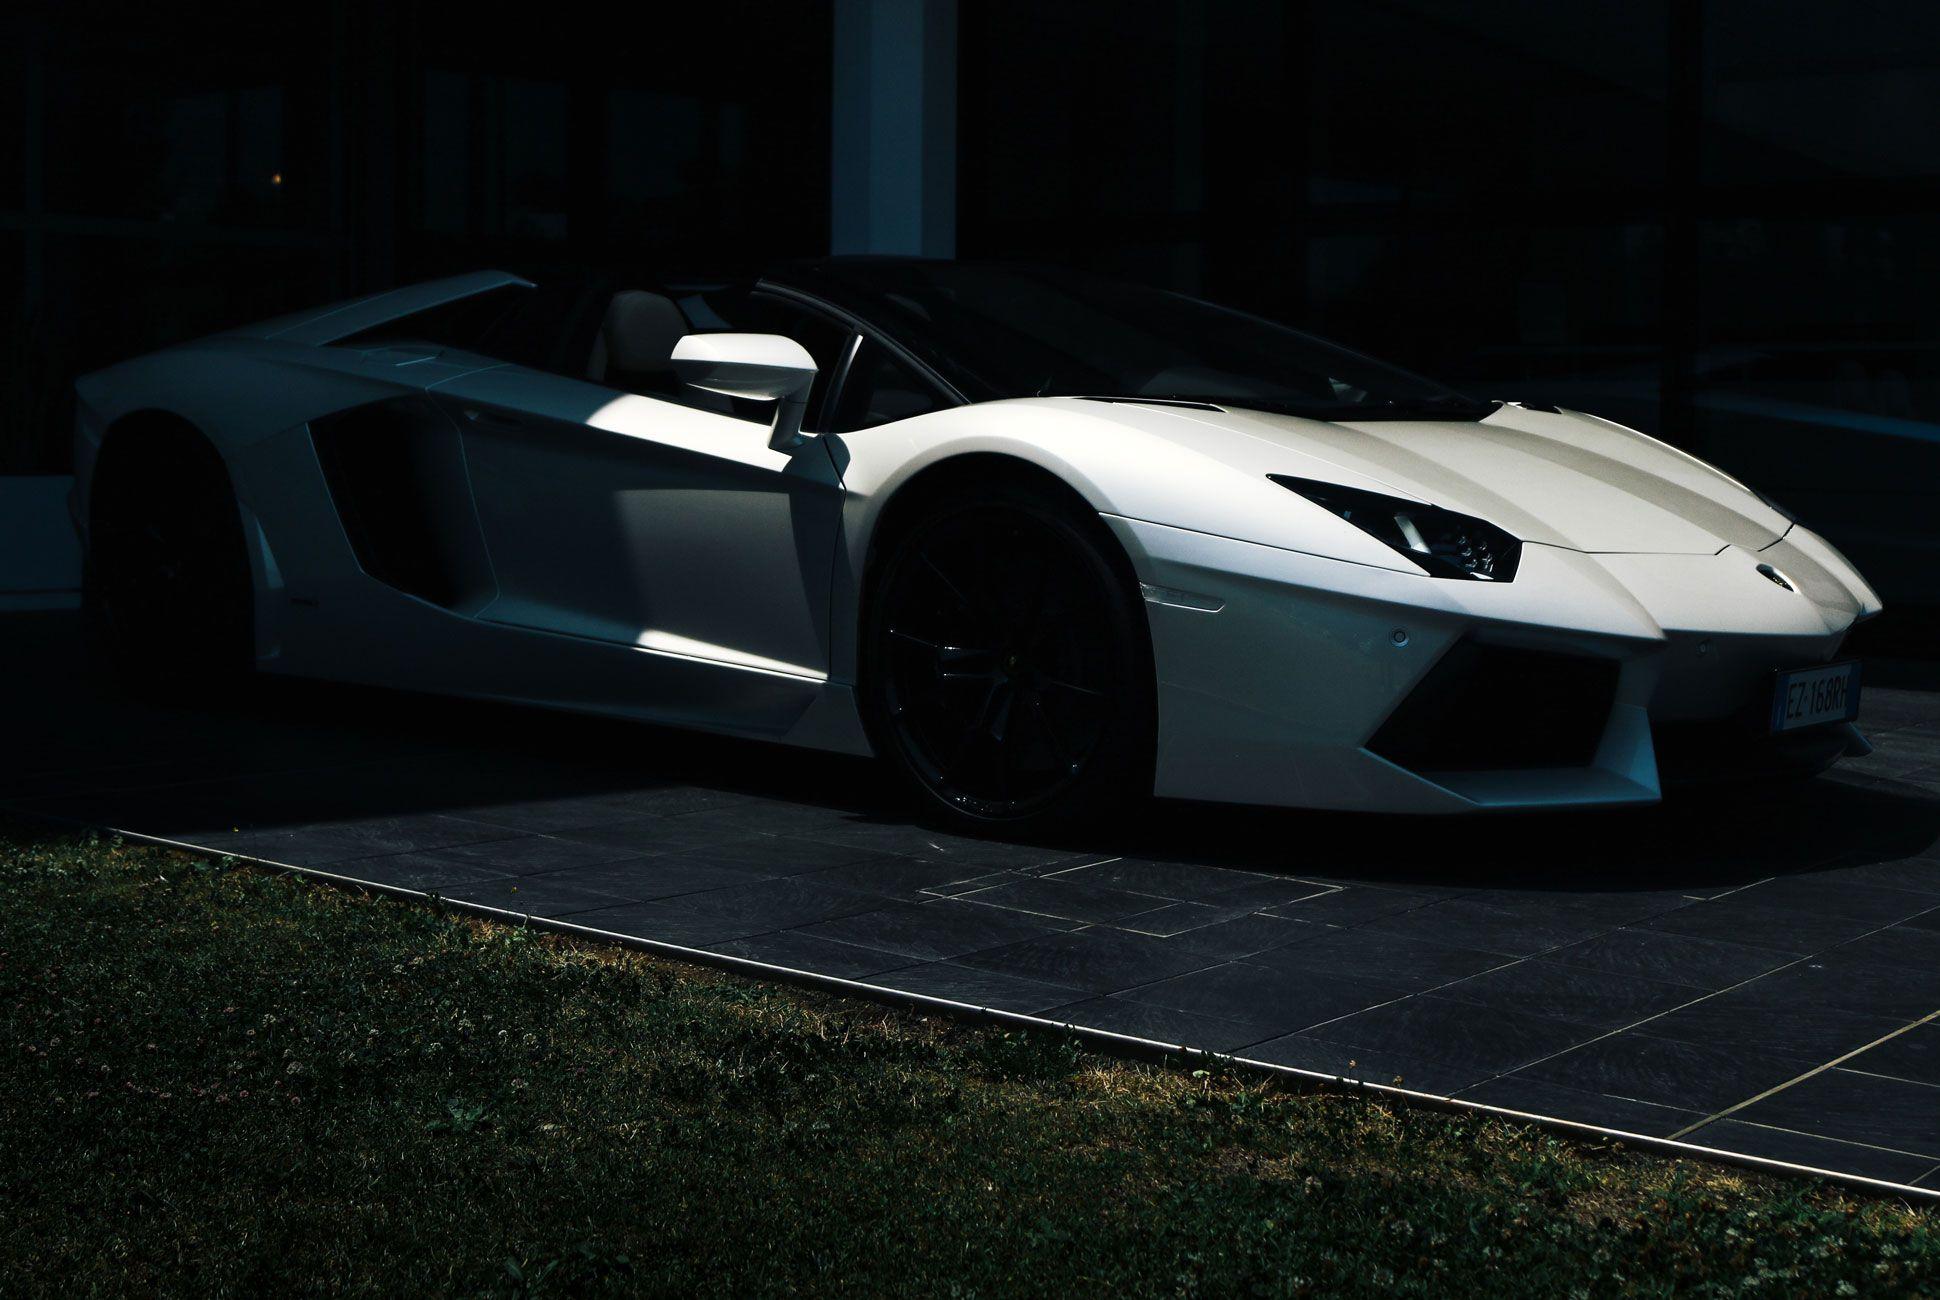 Lamborghini-Aventador-Roadster-Gear-Patrol-Slide-2